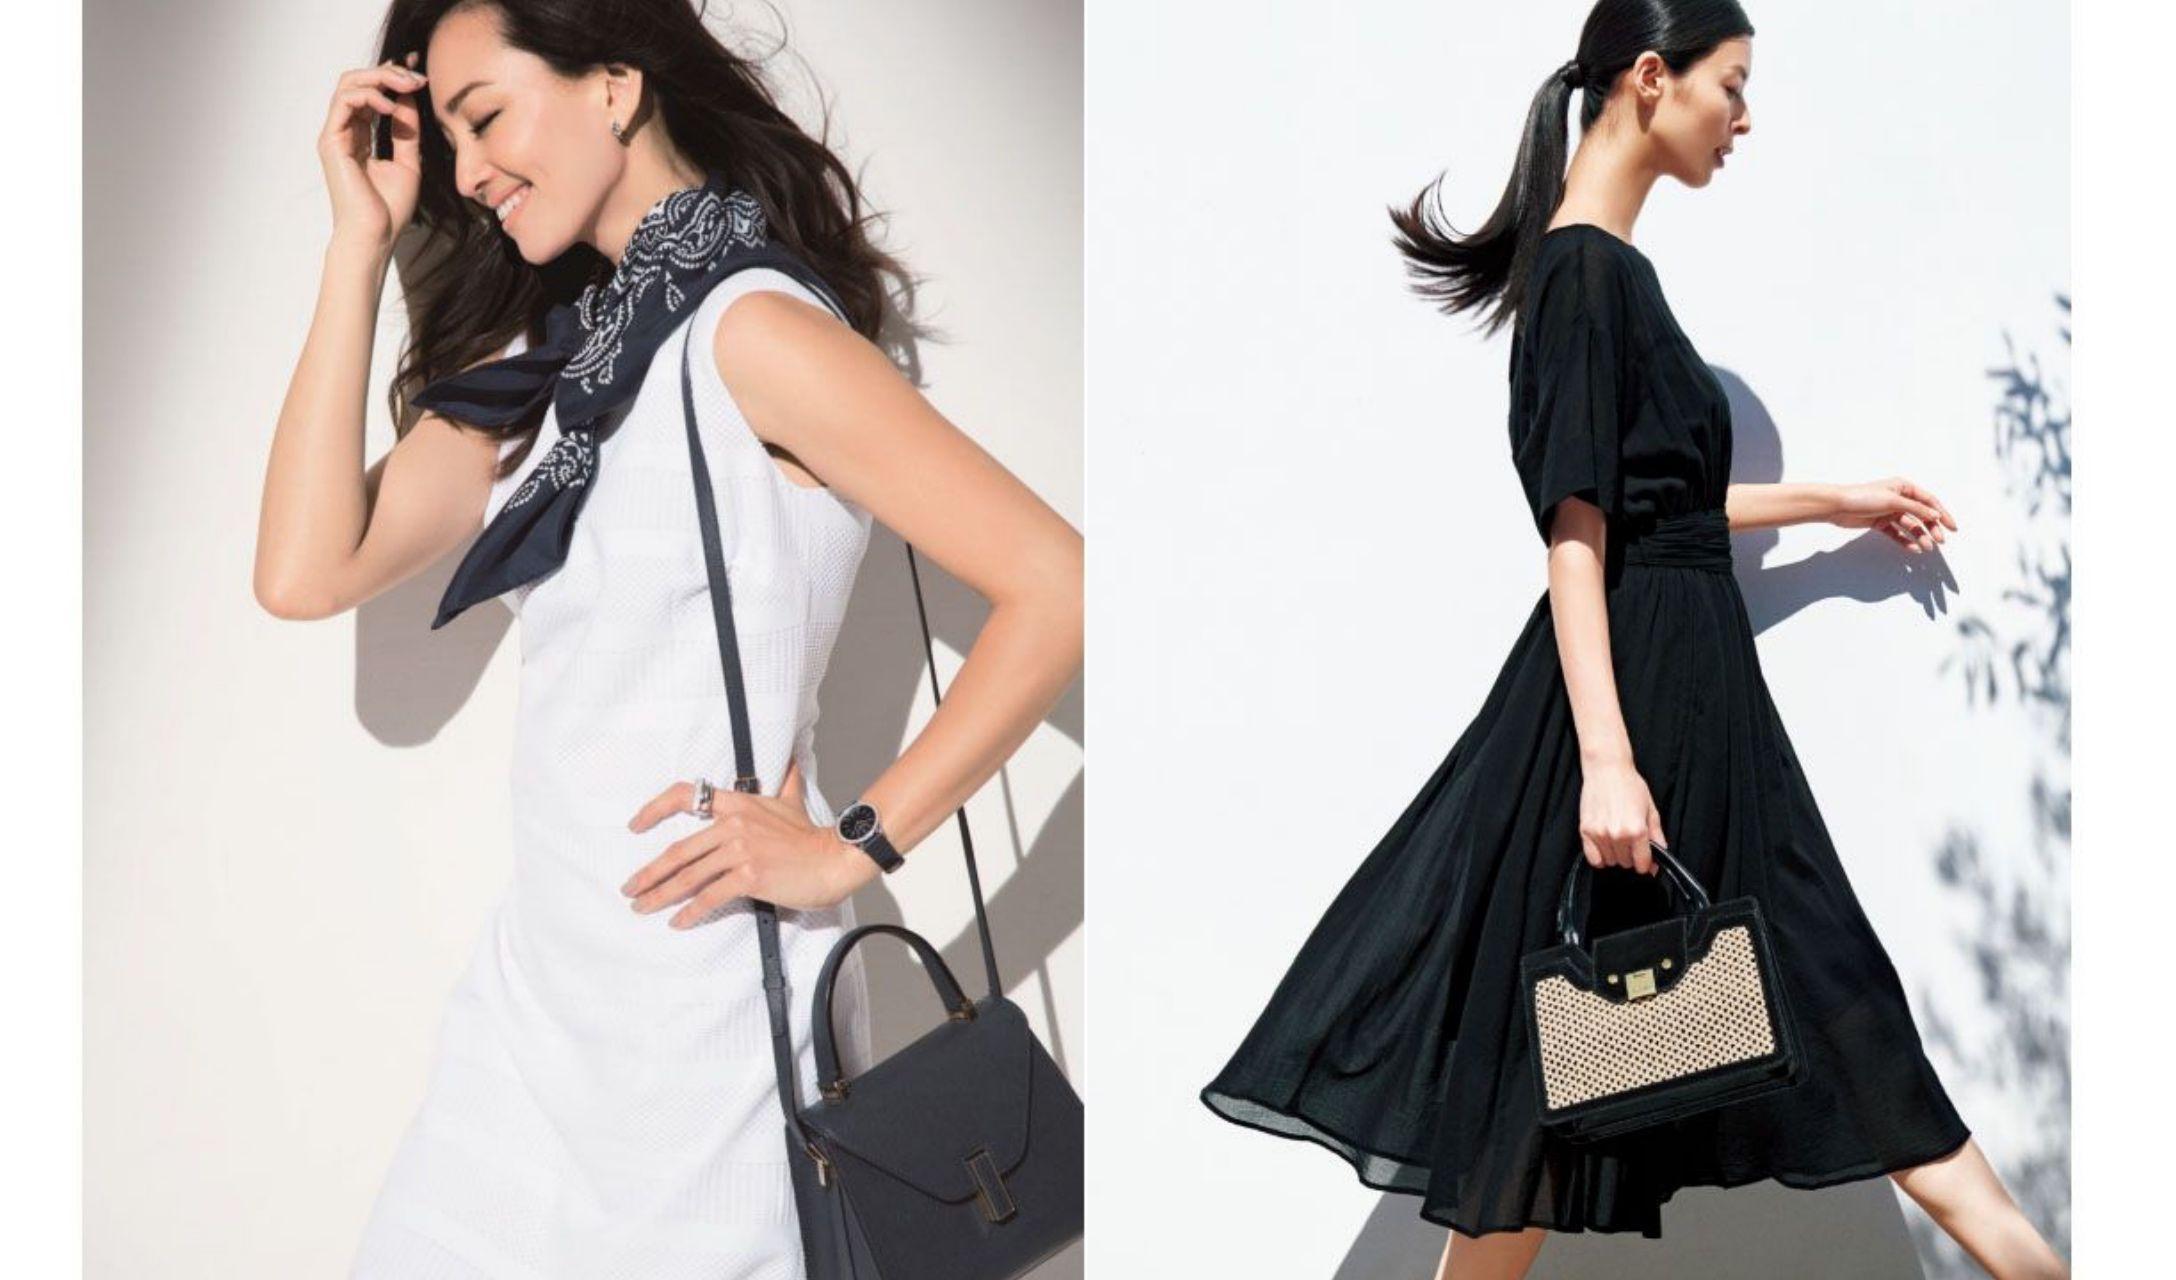 夏のファッション|40代からのおしゃれな服装25選